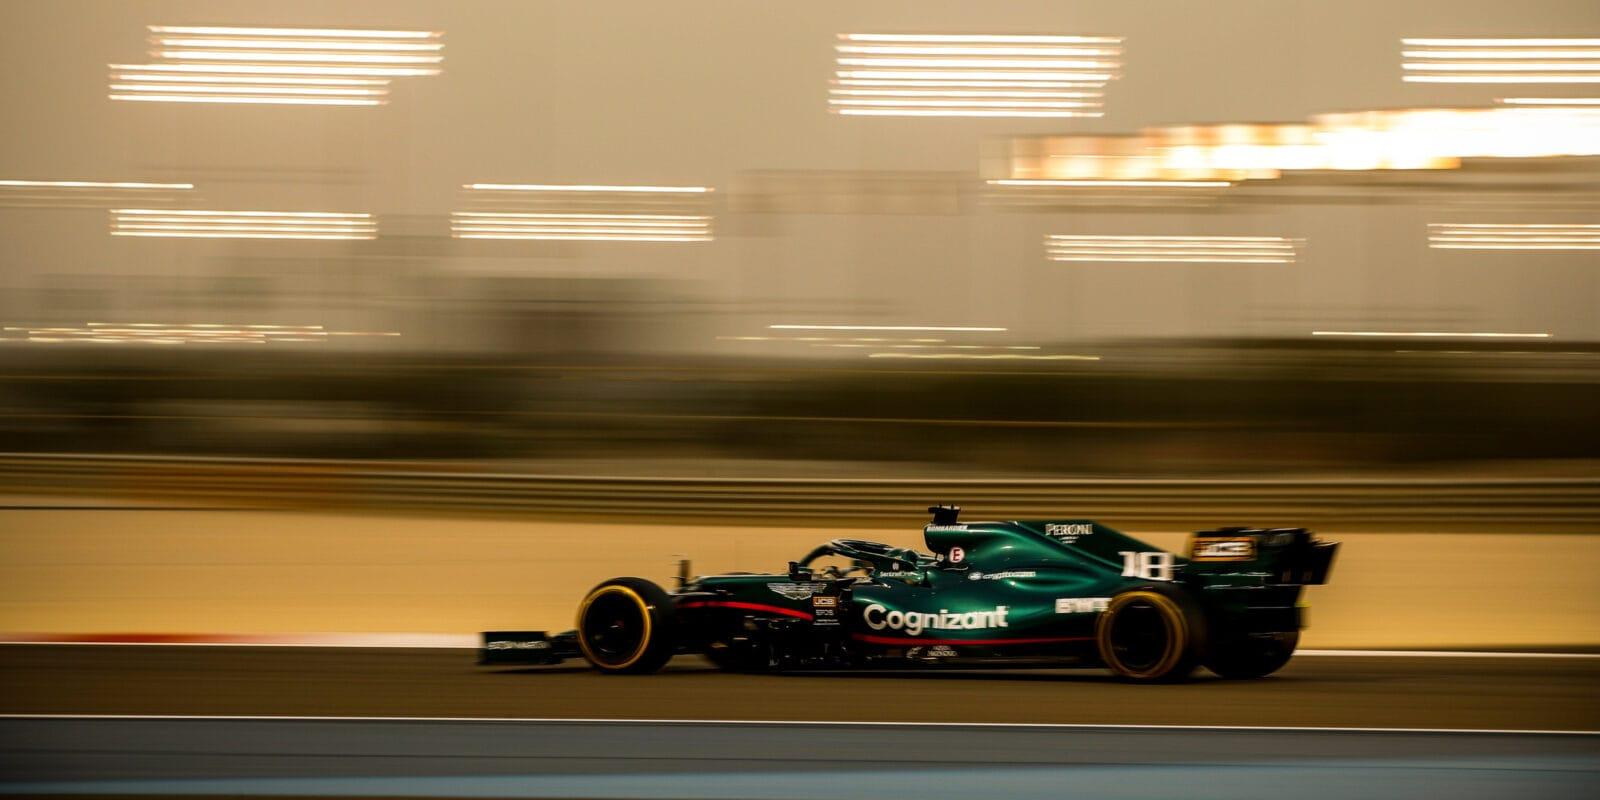 Sobotní souhrn předsezónních testů v Bahrajnu